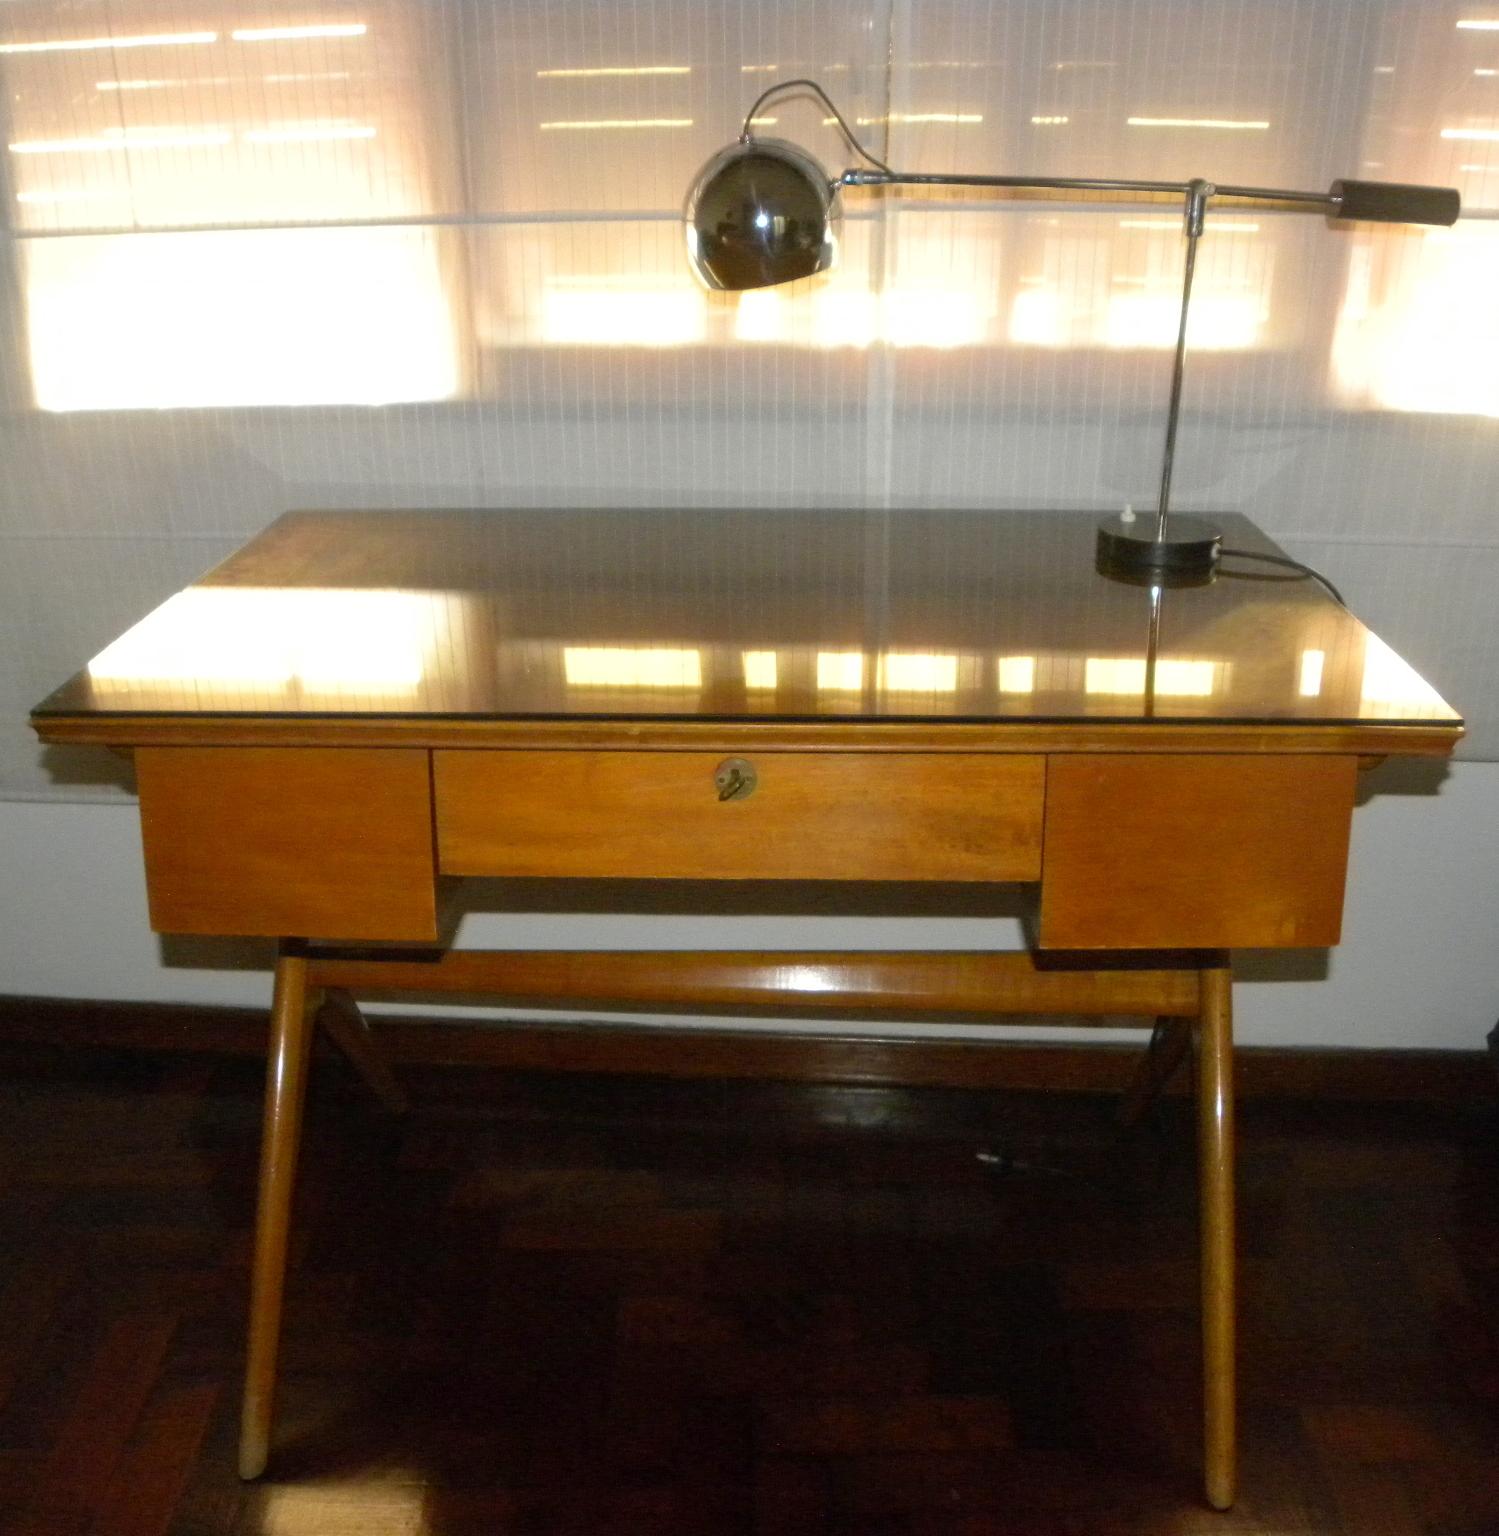 Deco retro vintage escritorio escandinavo vintage - Escritorio vintage ...